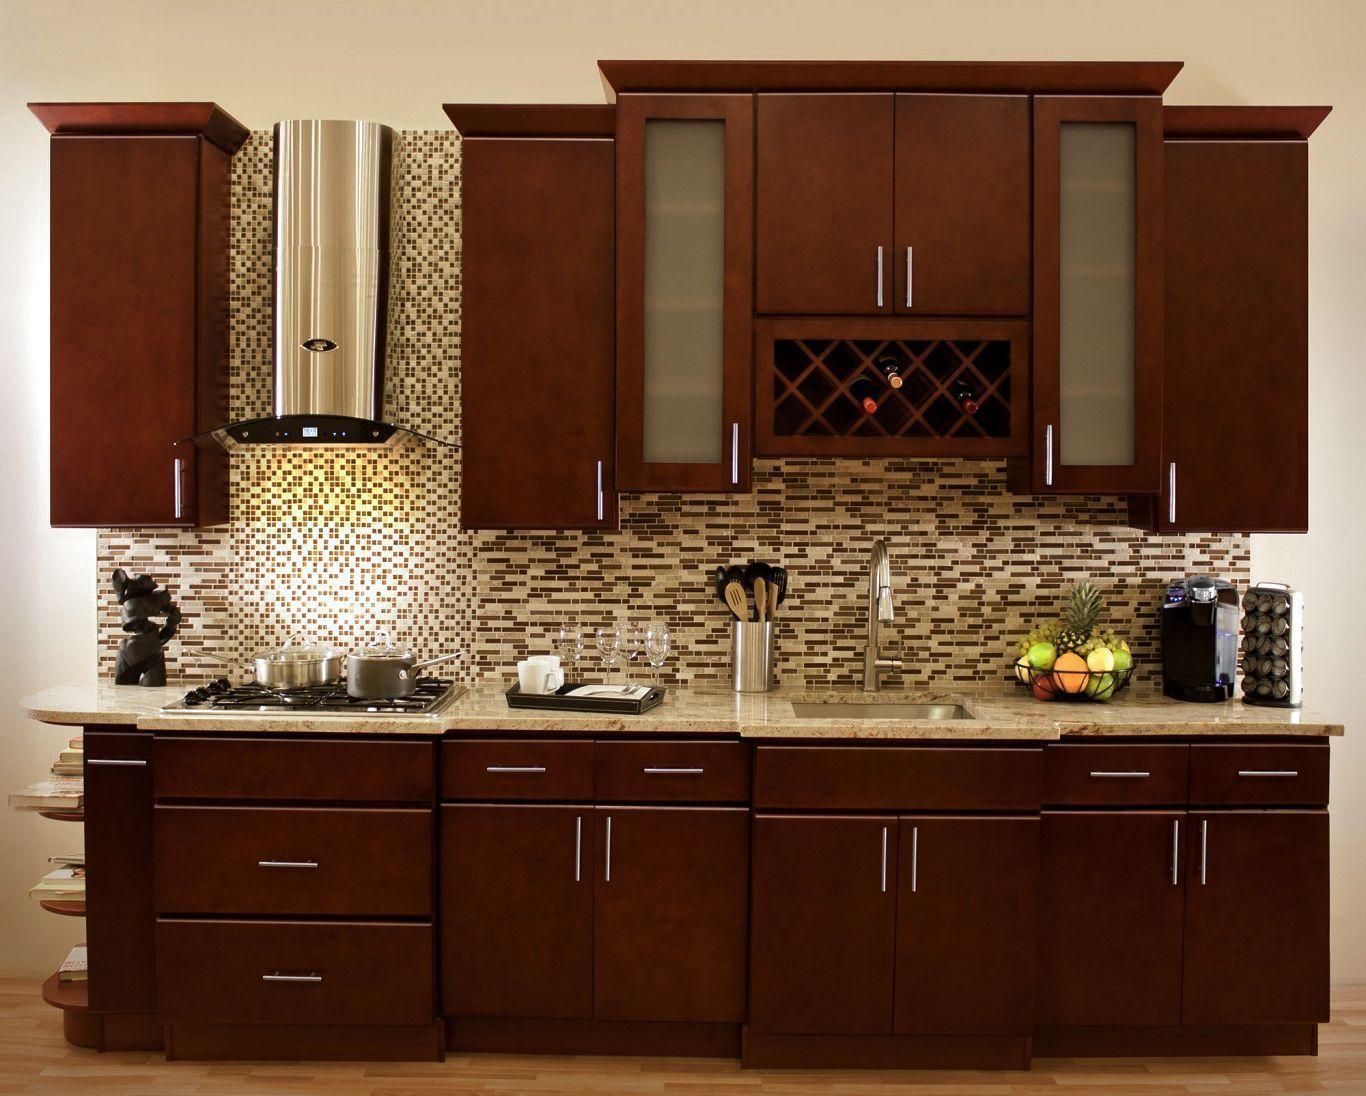 Küchenschrank Design Ideen #Badezimmer #Büromöbel #Couchtisch #Deko ...